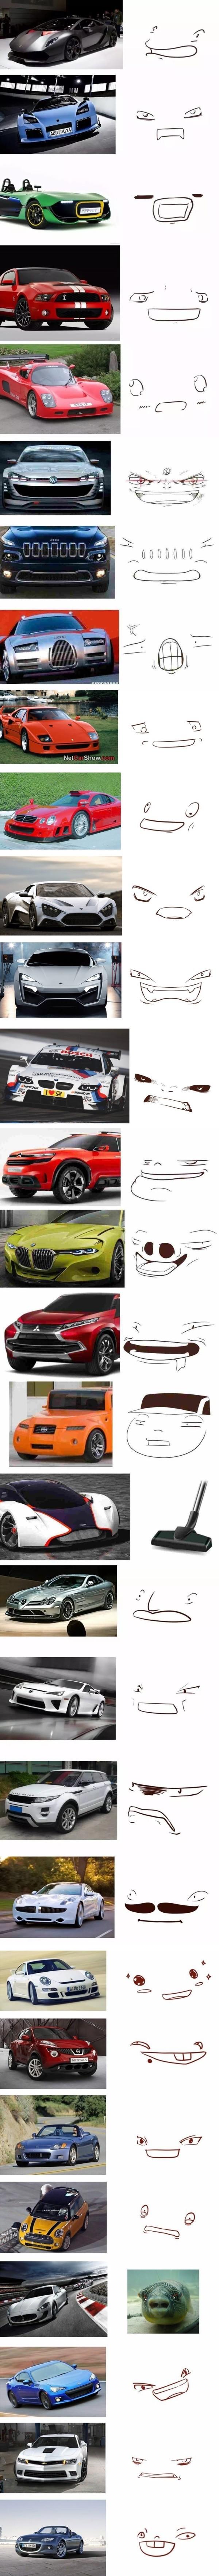 Meme_otros - Morros de coches que parecen caras